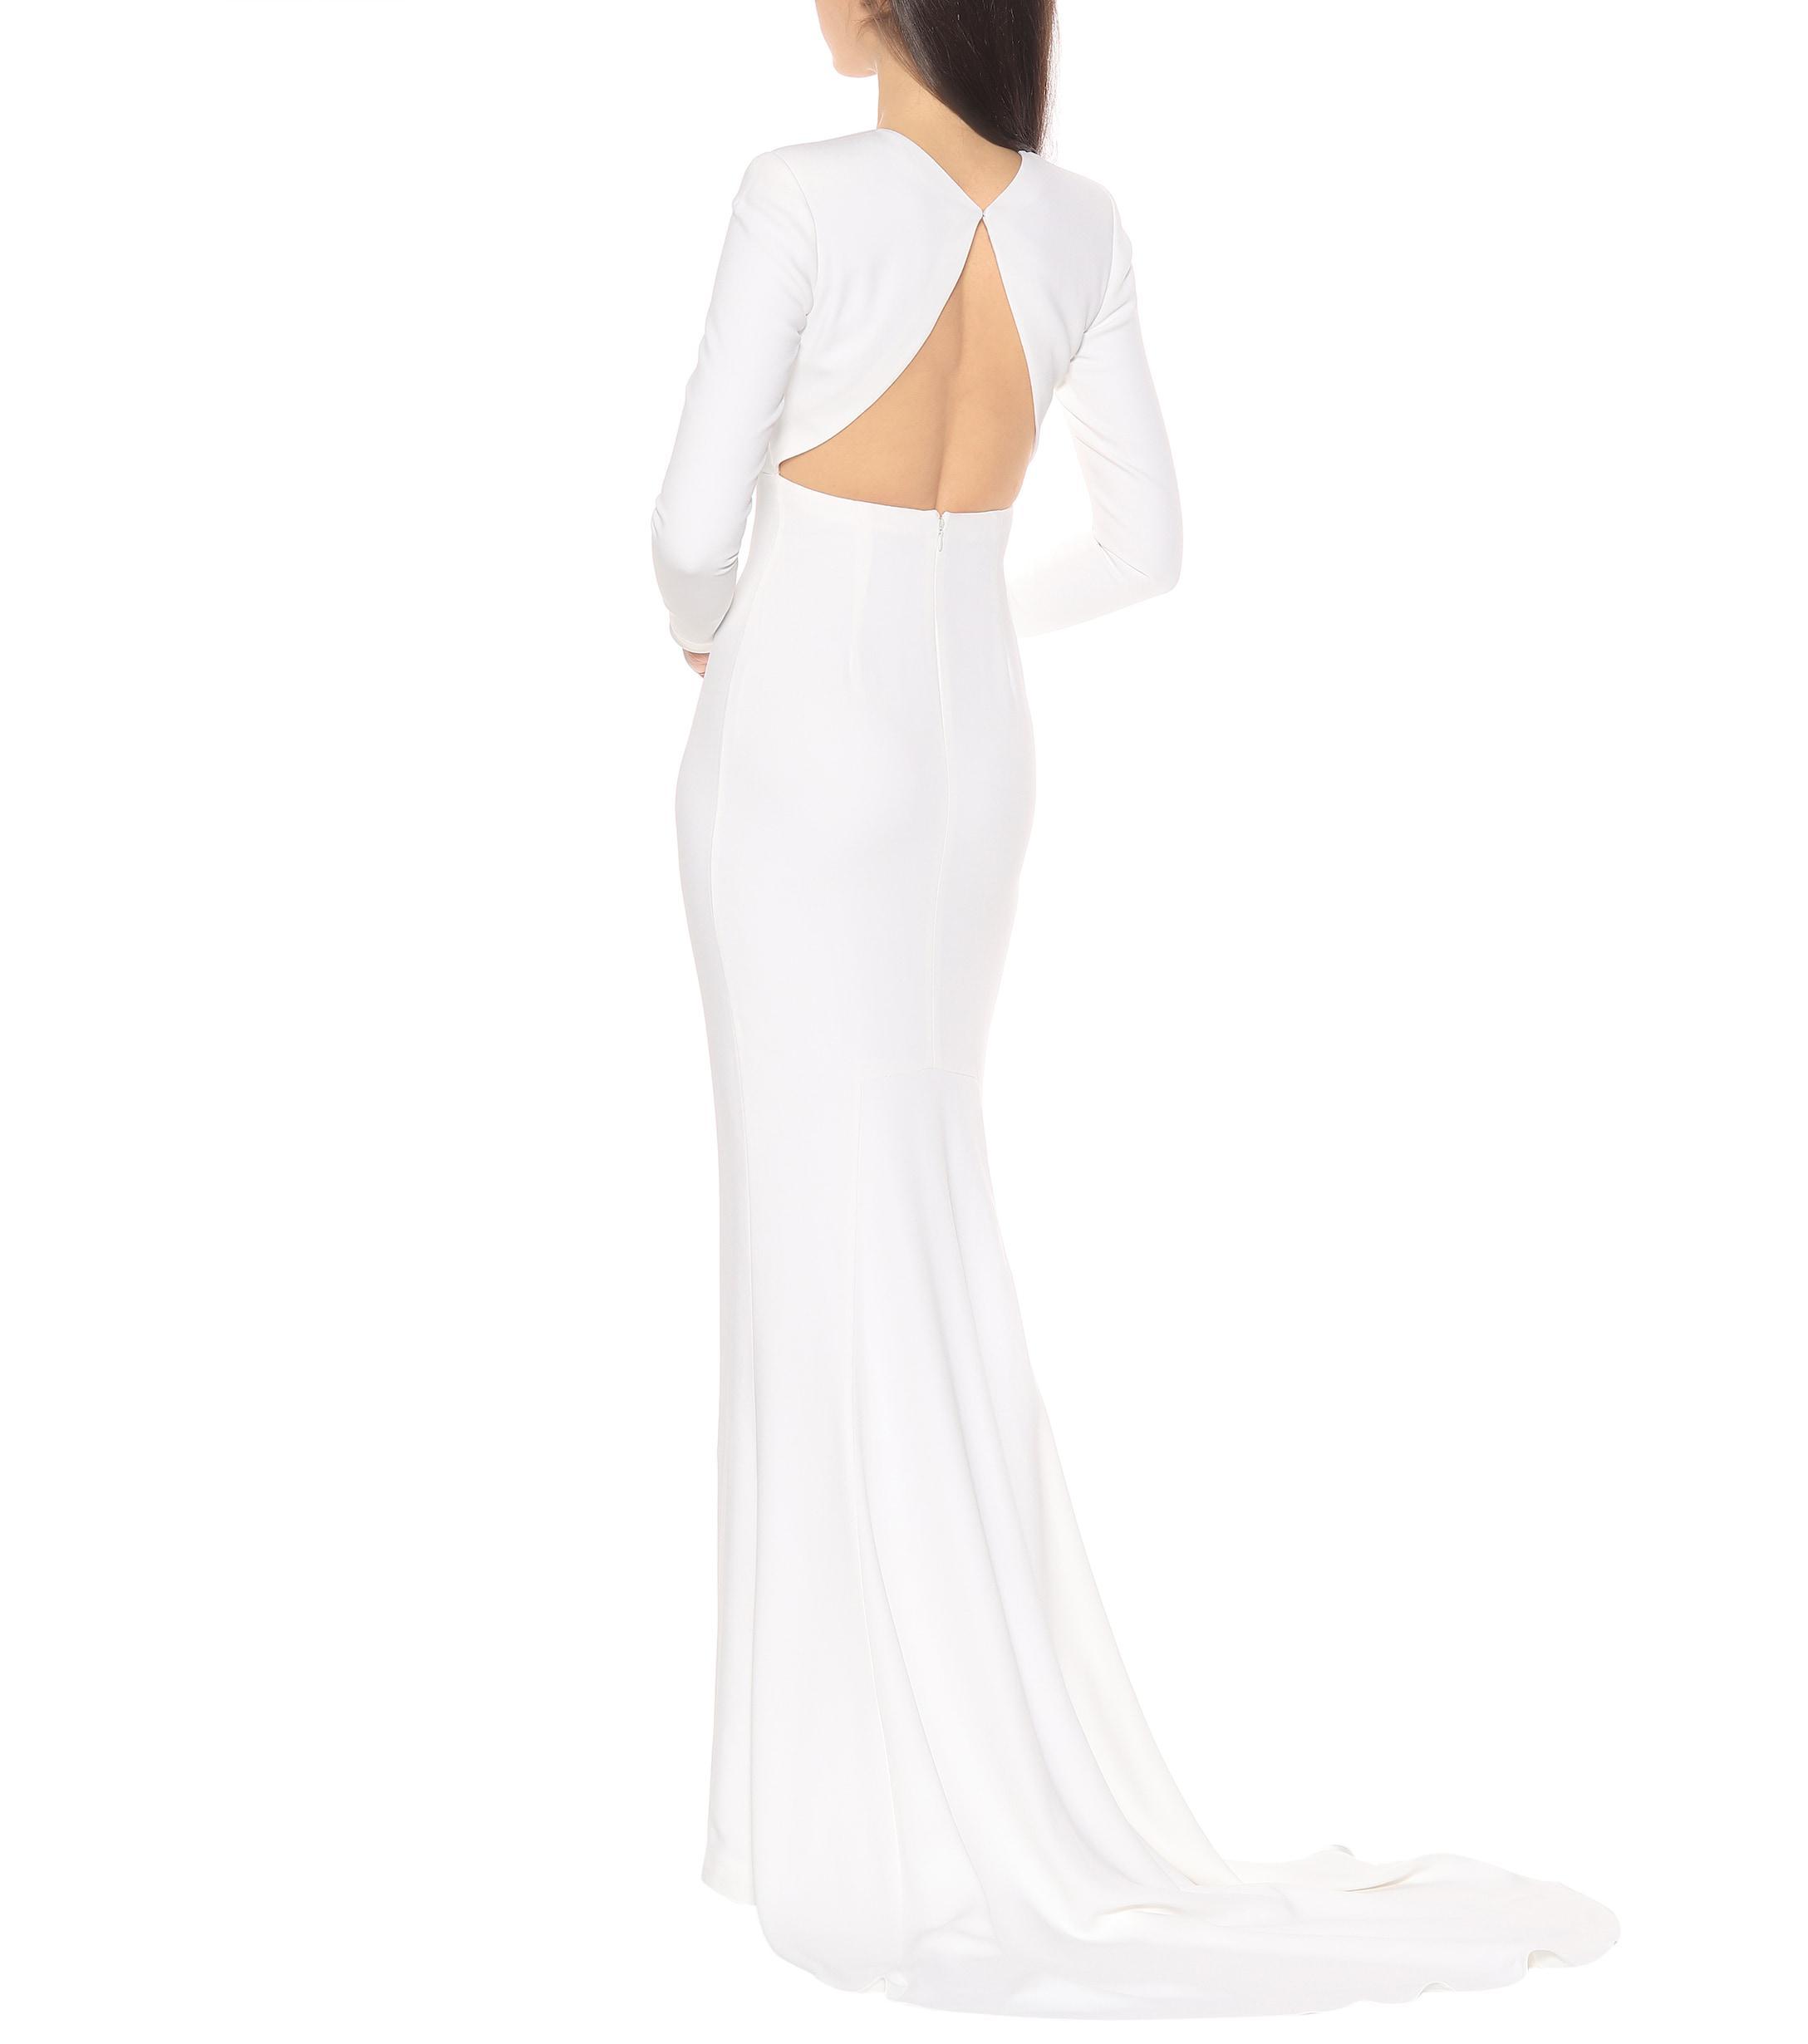 725f196b702 Stella McCartney - White Ruby Stretch Cady Gown - Lyst. View fullscreen